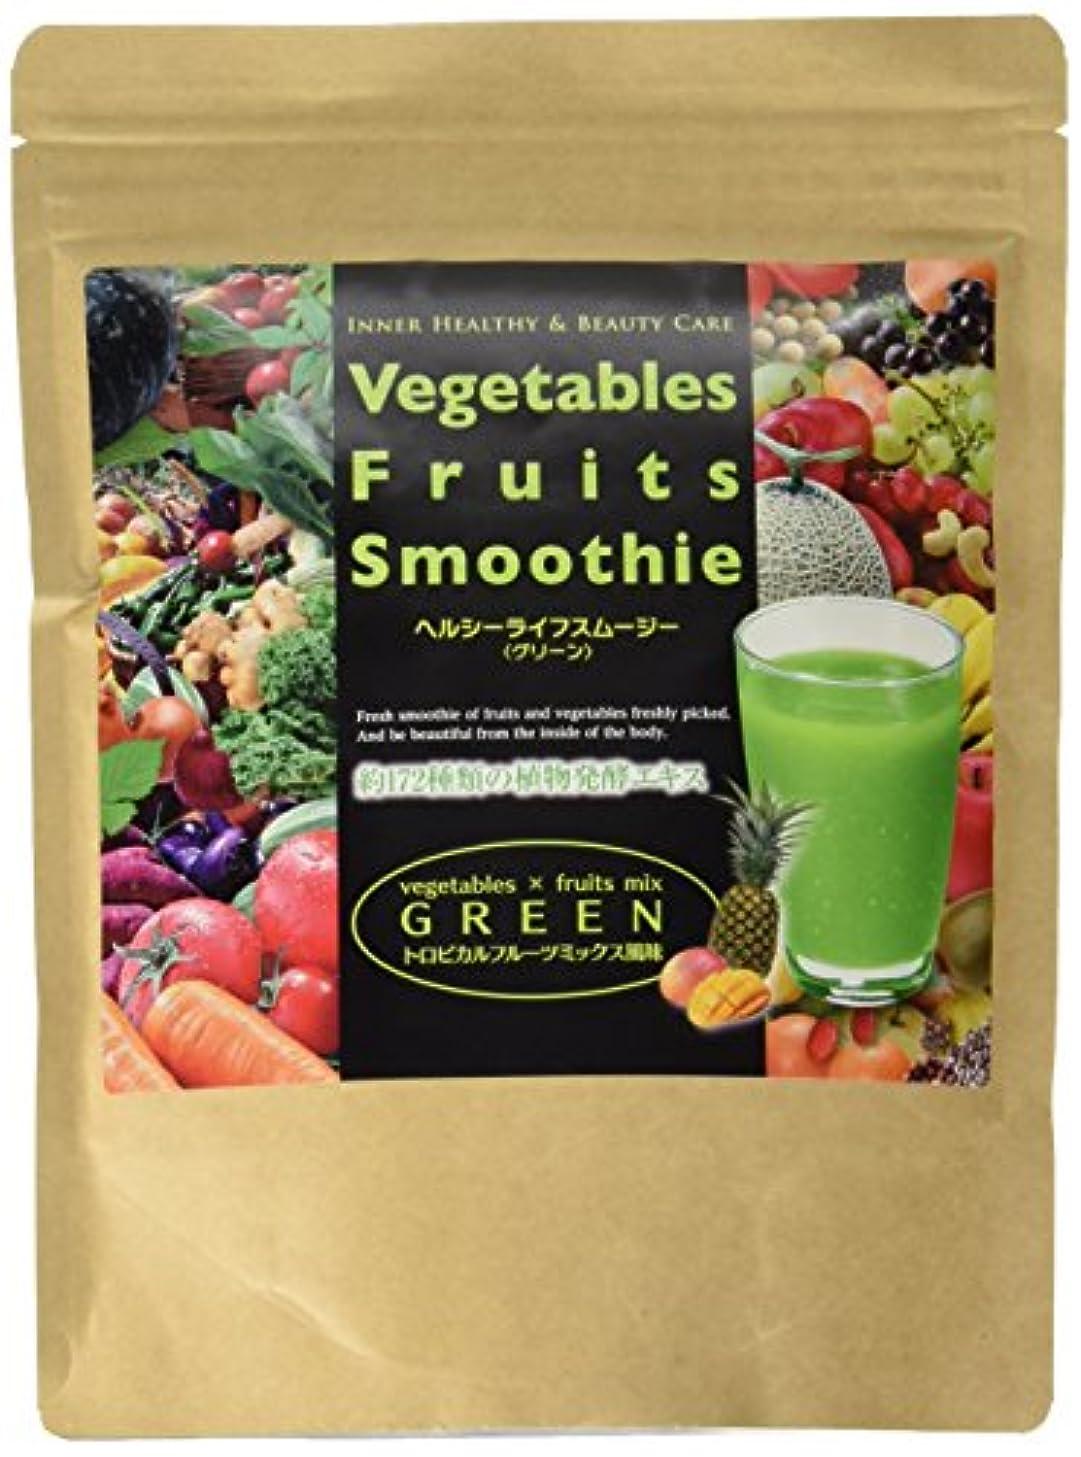 ジョグ太字執着Vegetables Fruits Smoothie ヘルシーライフスムージー(グリーン)トロピカルフルーツミックス味 300g 日本製